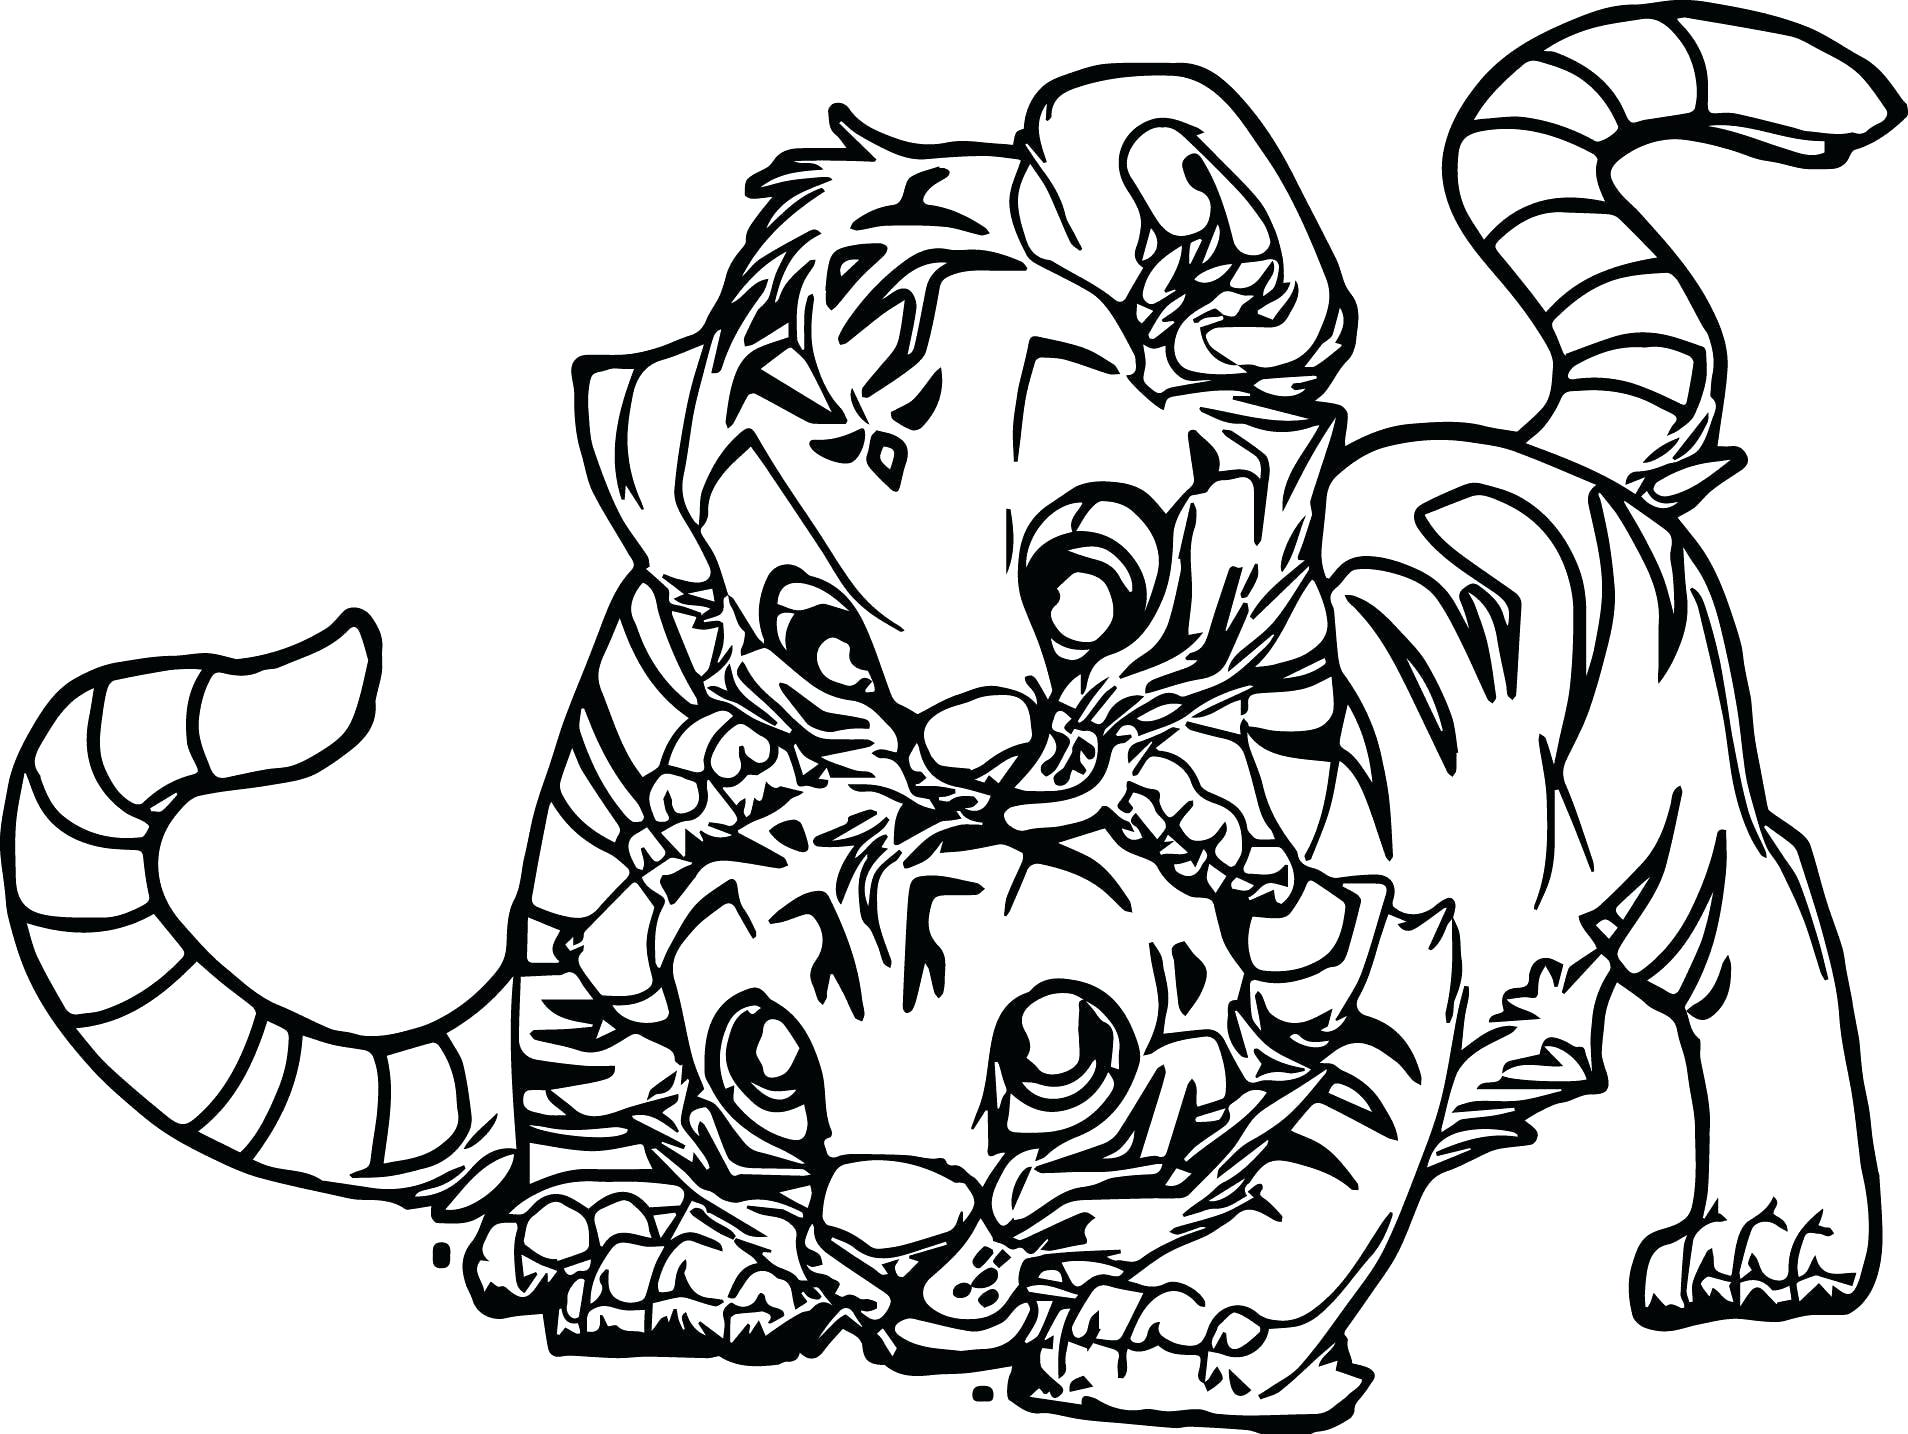 Tranh tô màu hai chú hổ con vui đùa với nhau